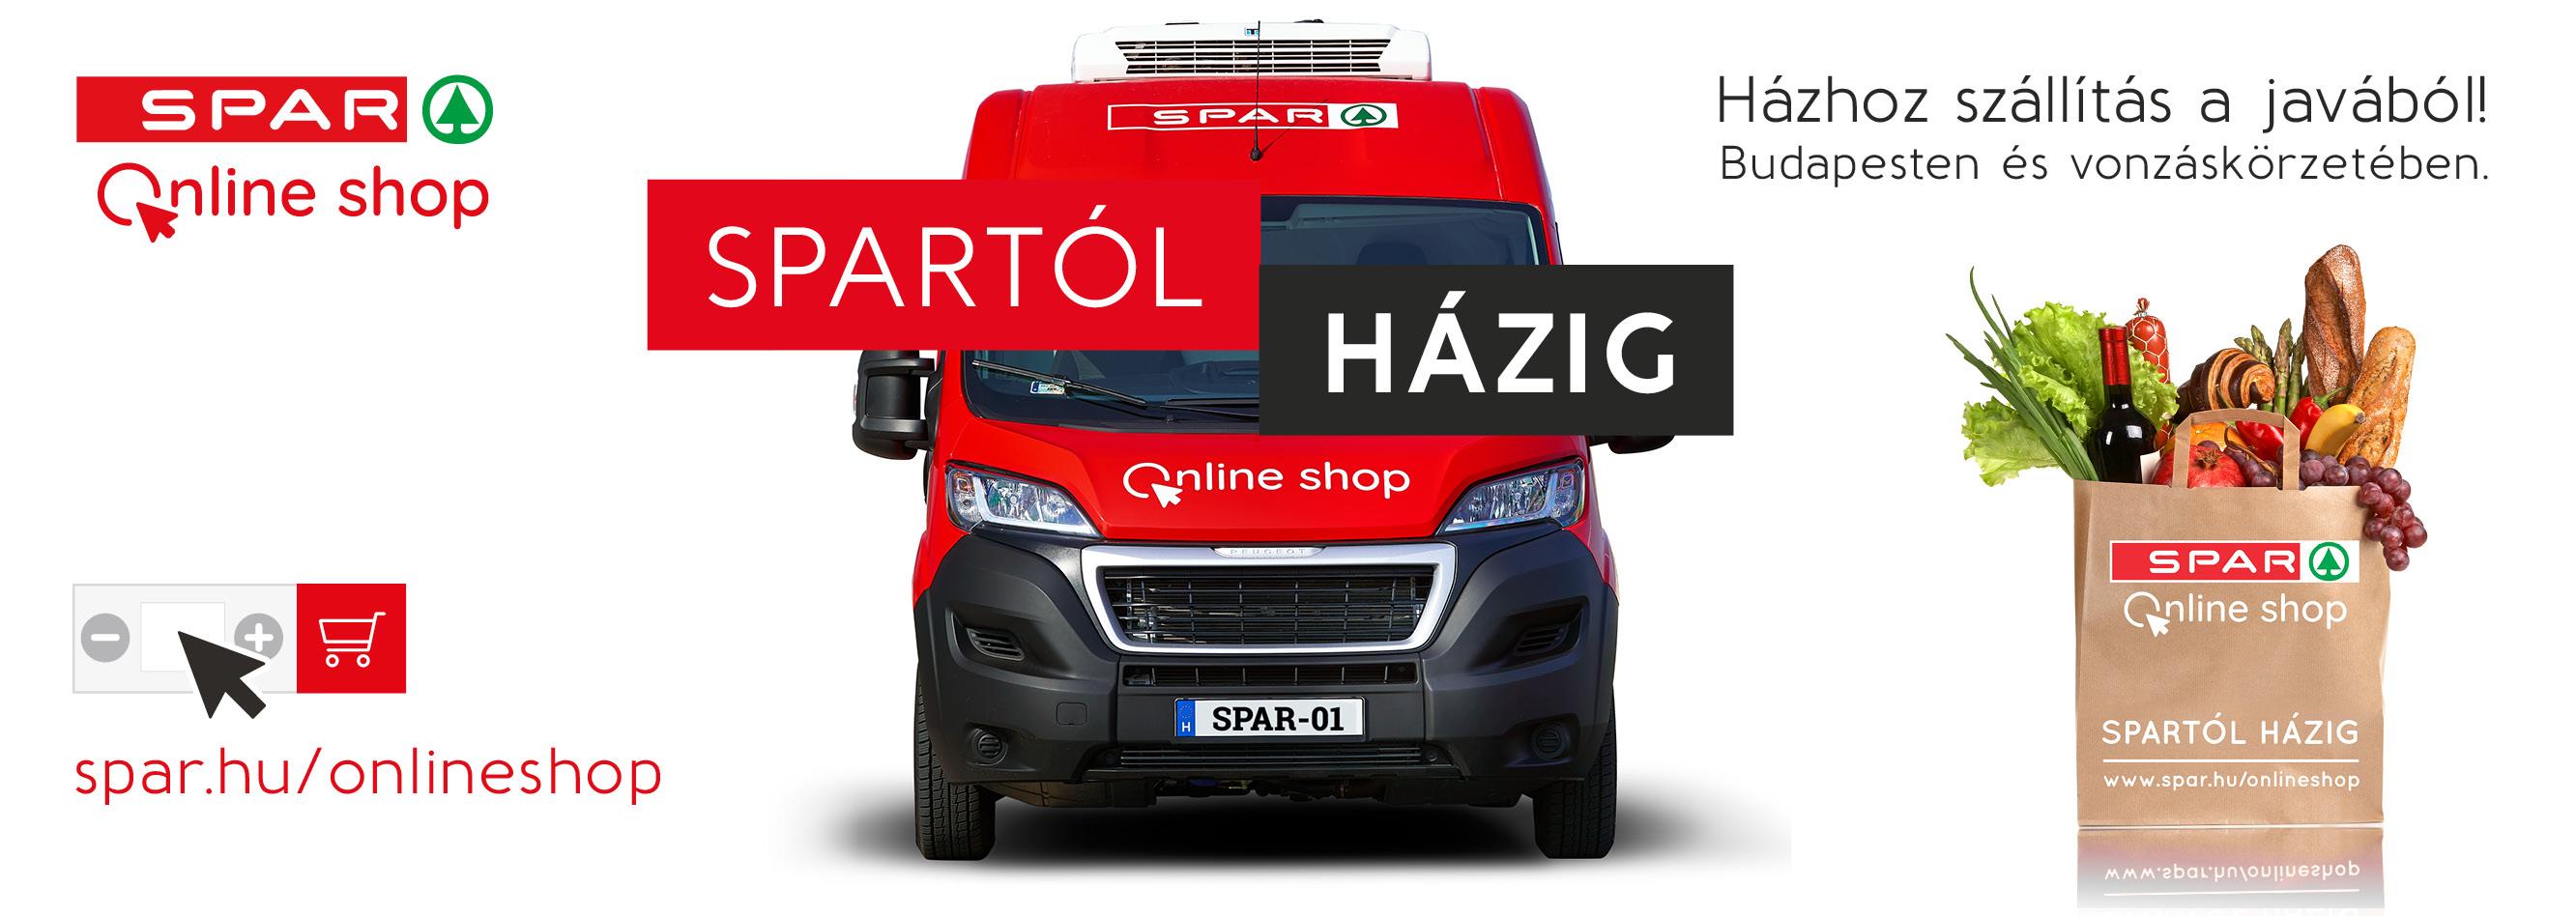 0947d7403f Próbáld ki Te is a SPAR új szolgáltatását! Házhoz szállítás és áruházi  rendelés átvétel Budapesten és vonzáskörzetében.